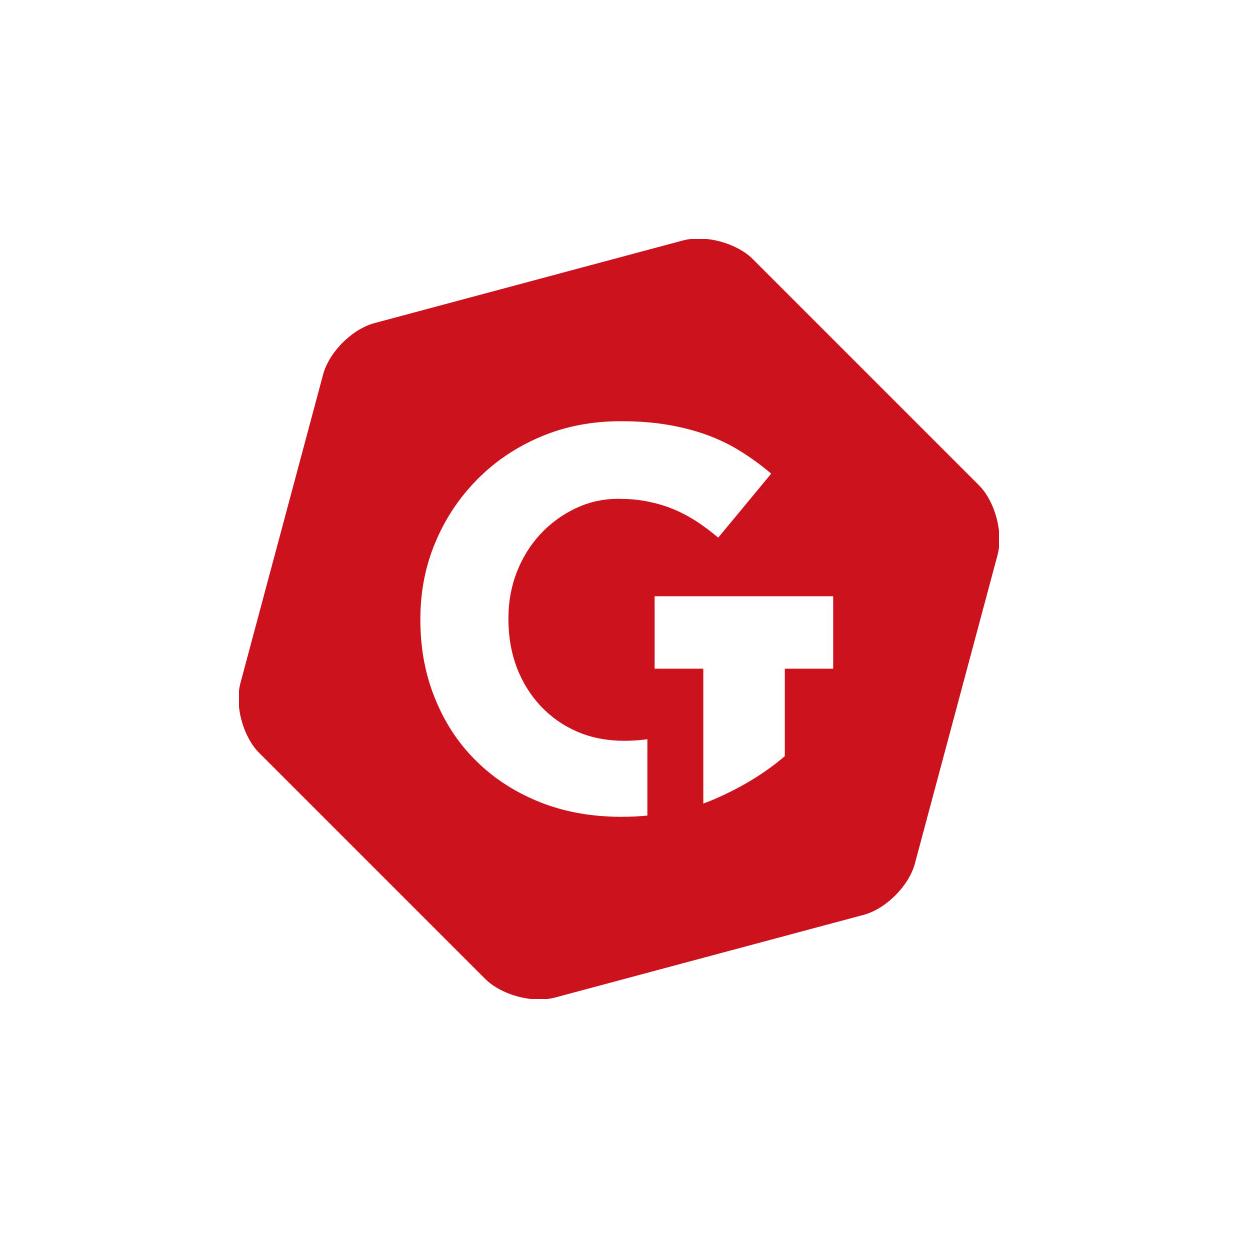 Garage Touw logo